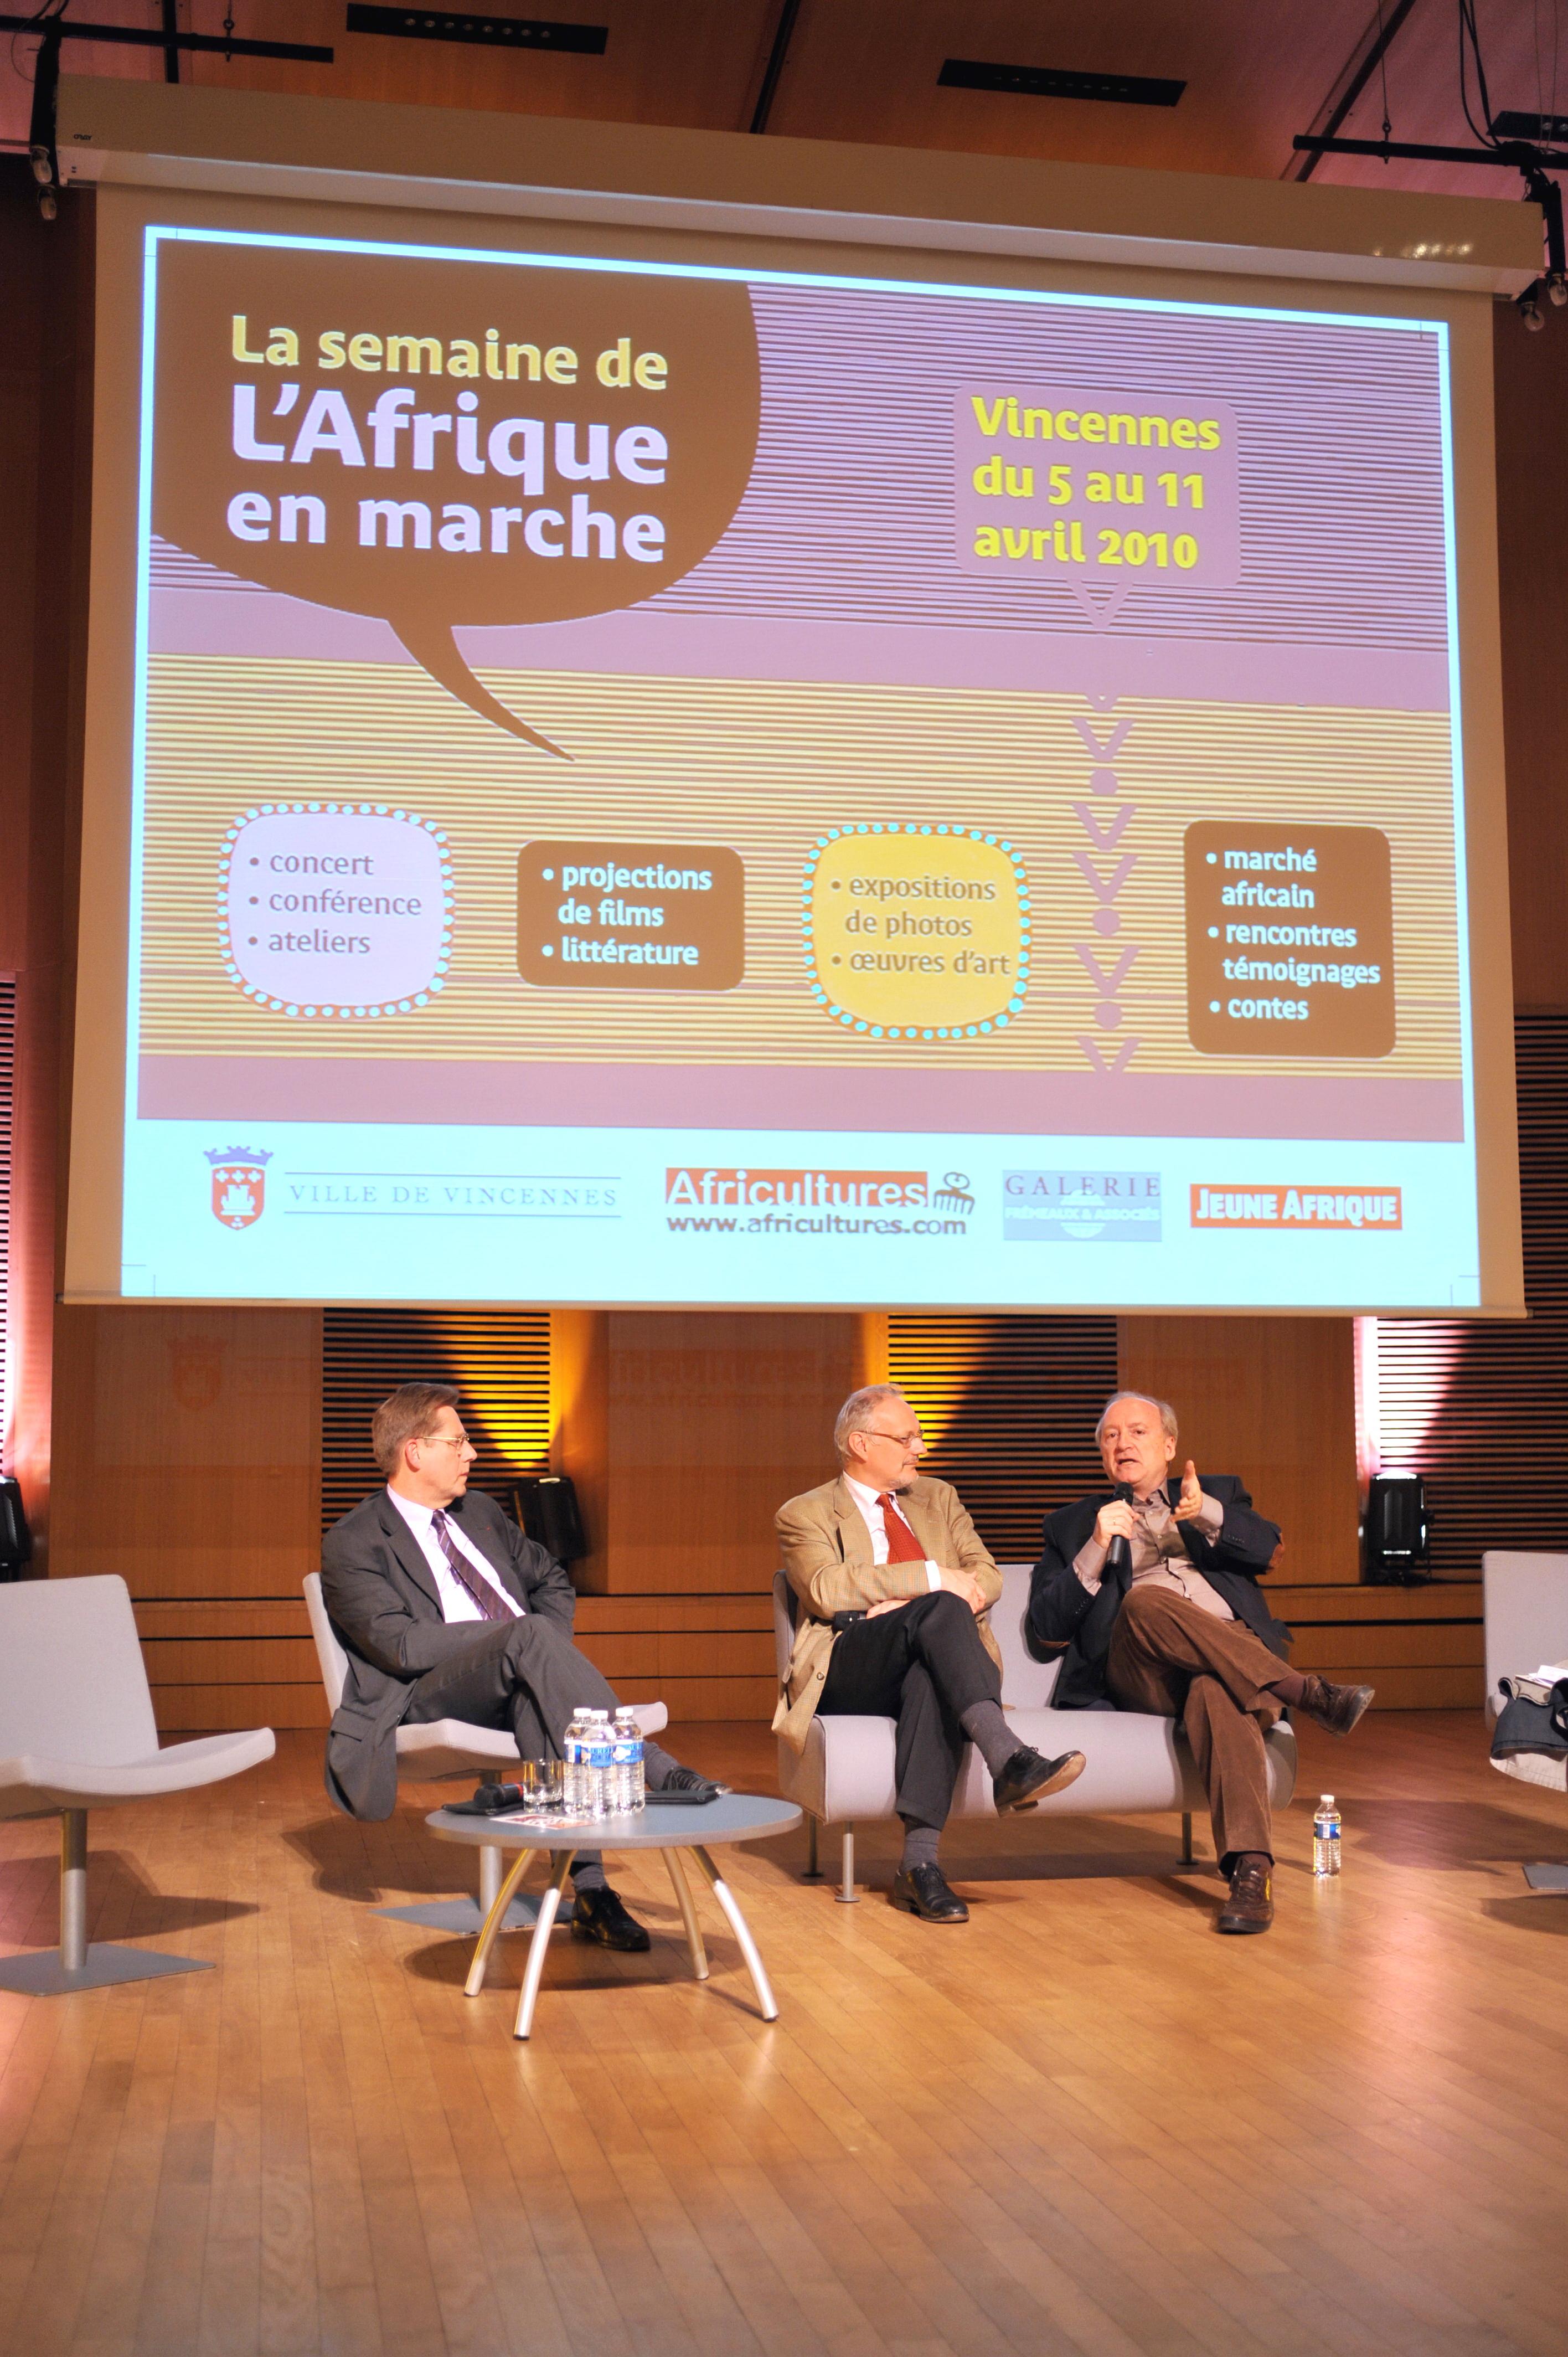 Conférence sur l'Afrique (2010)